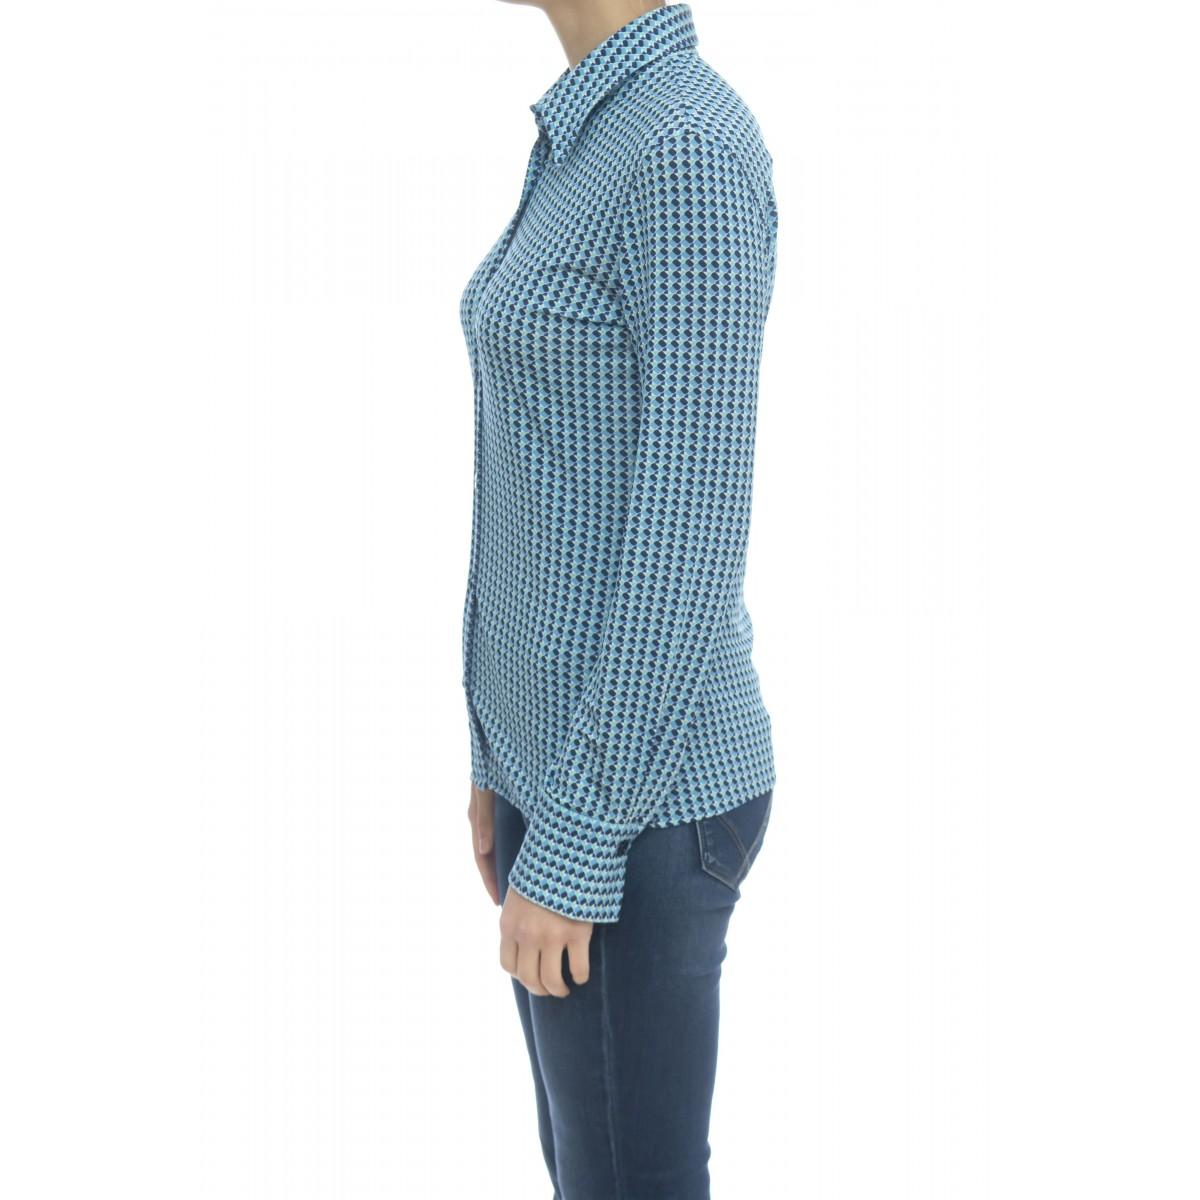 Camicia donna - Pm4 z0b